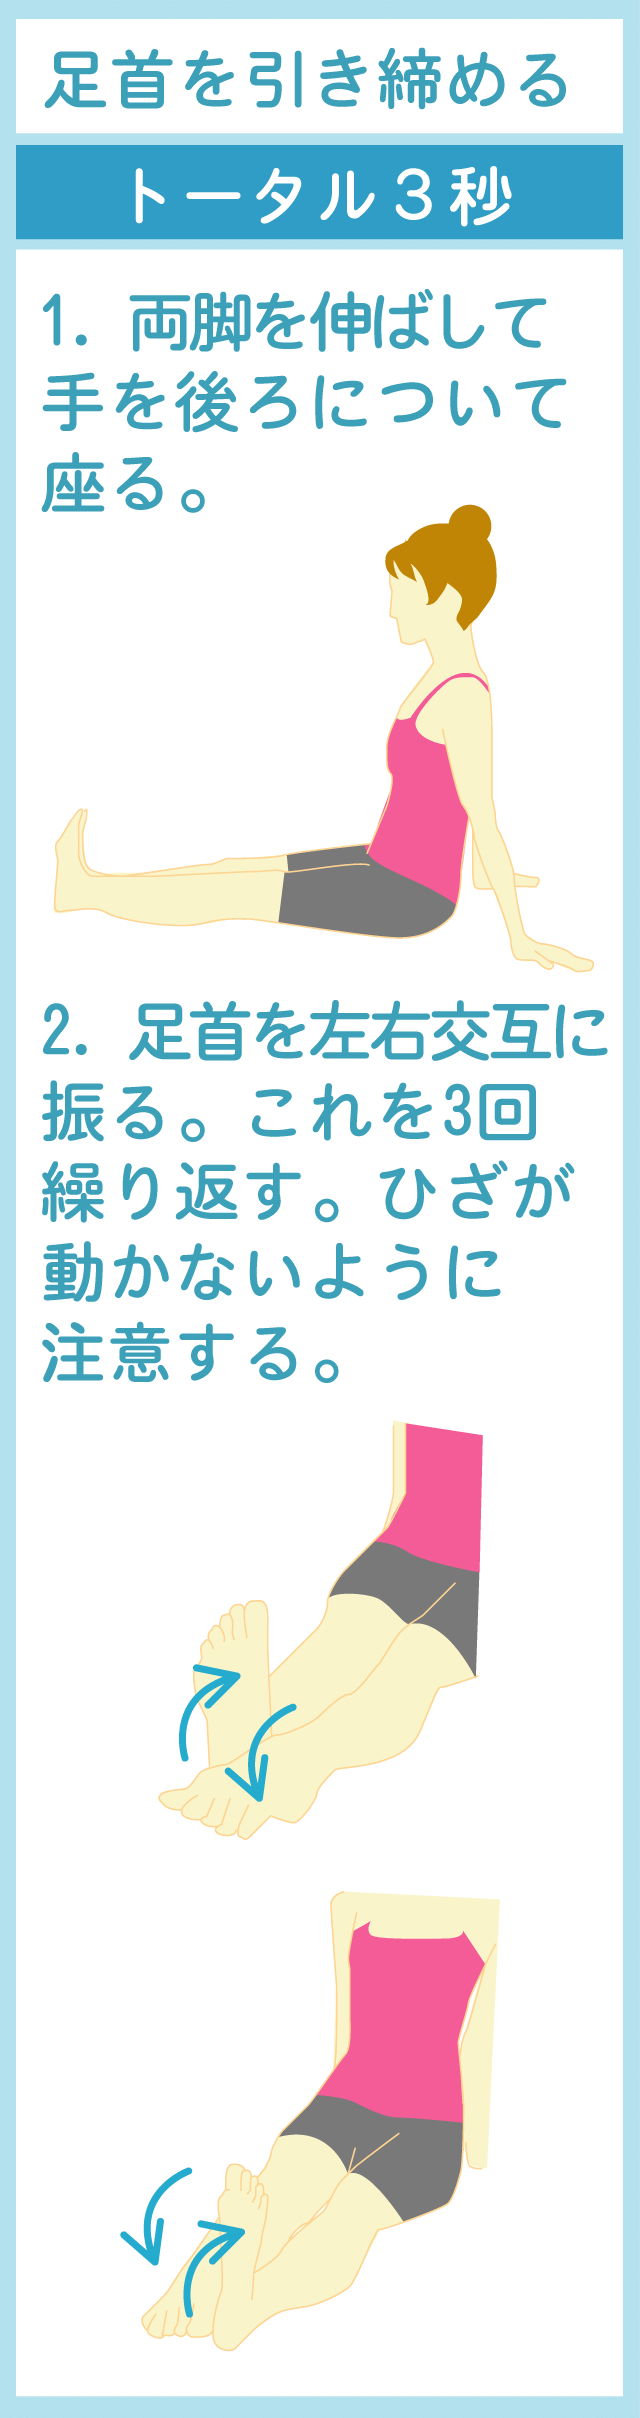 足首のパタパタストレッチ